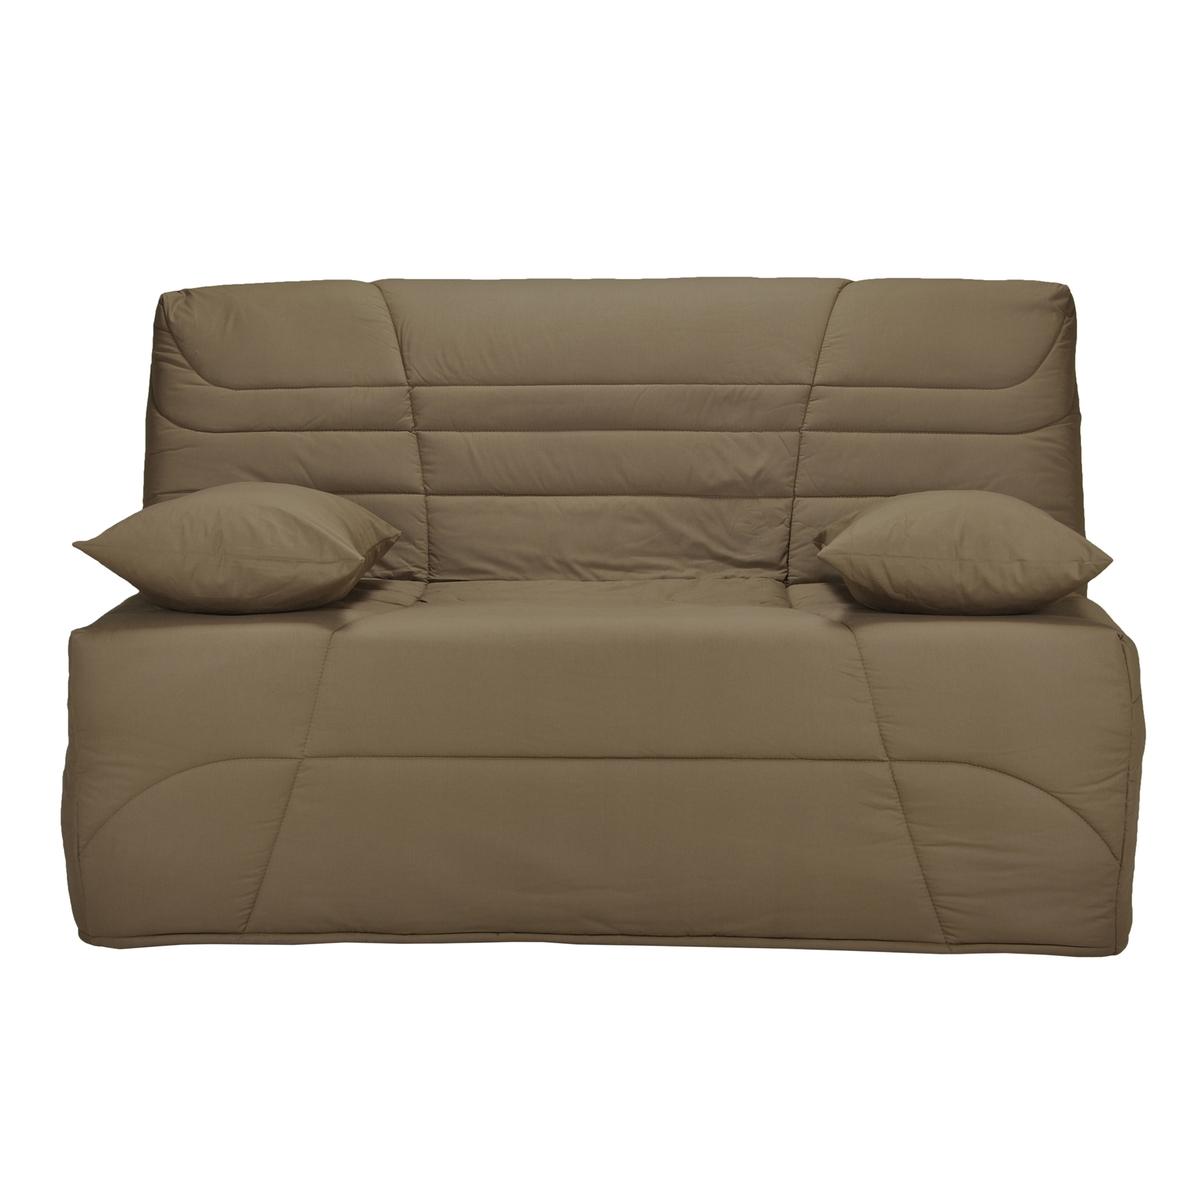 Чехол LaRedoute Стеганый для дивана-книжки толщина 9 см 90 x 190 см каштановый